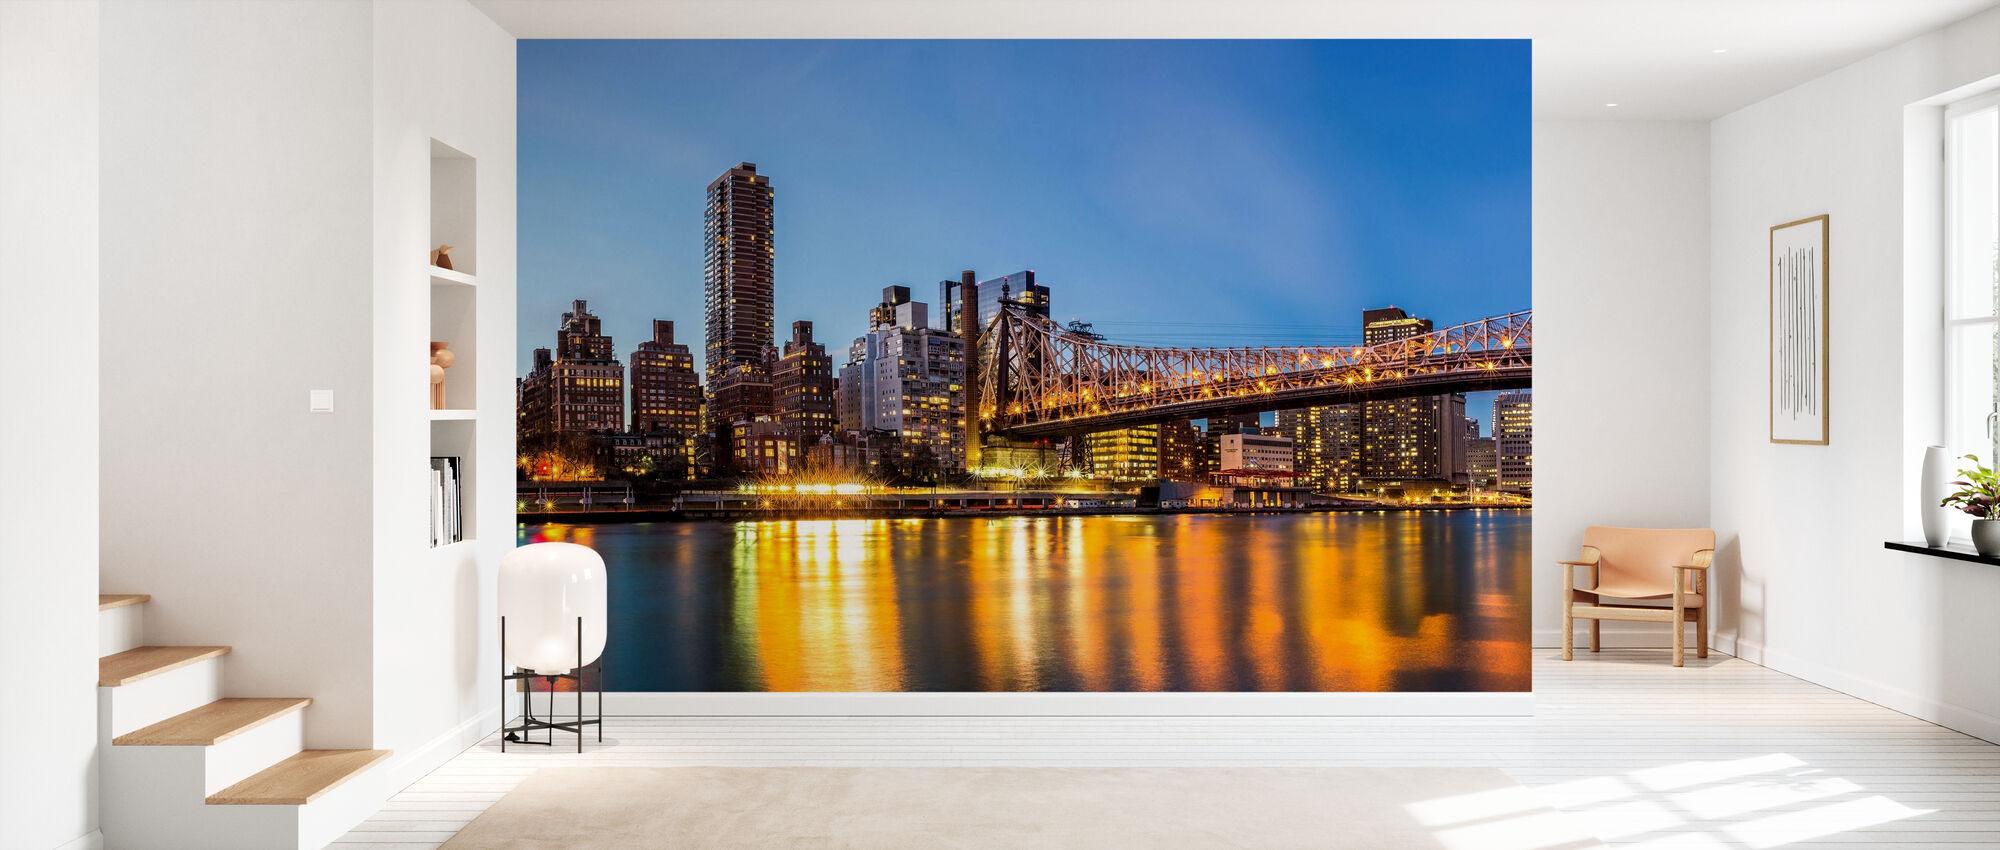 Queensboro Bridge, New York - Wallpaper - Hallway